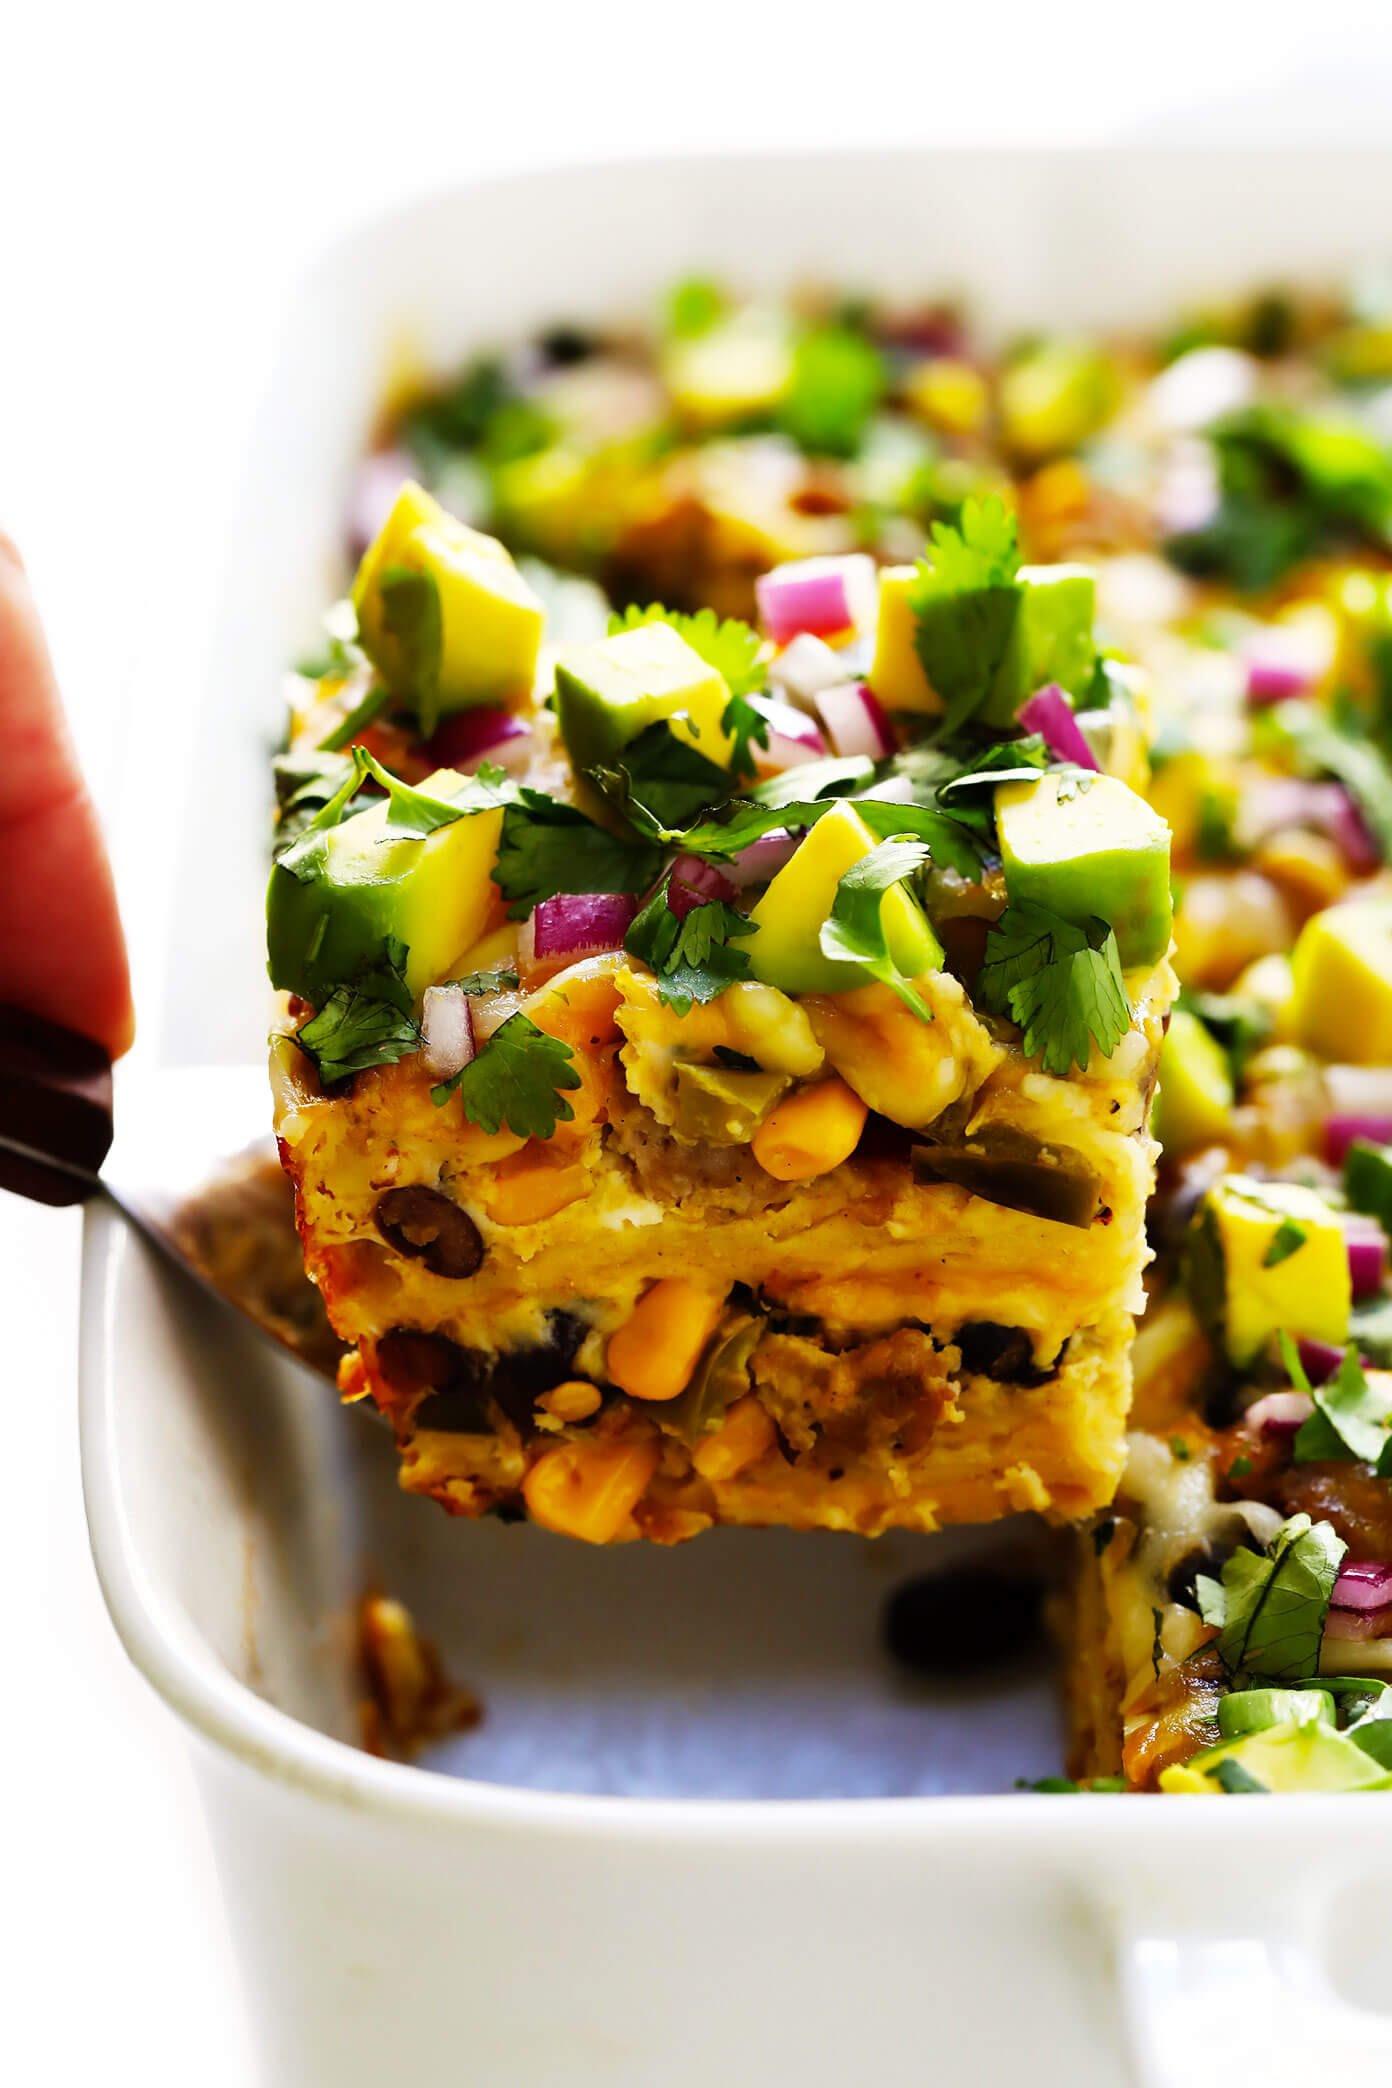 Contoh Soal Dan Materi Pelajaran 7 Easy Mexican Recipes For Two